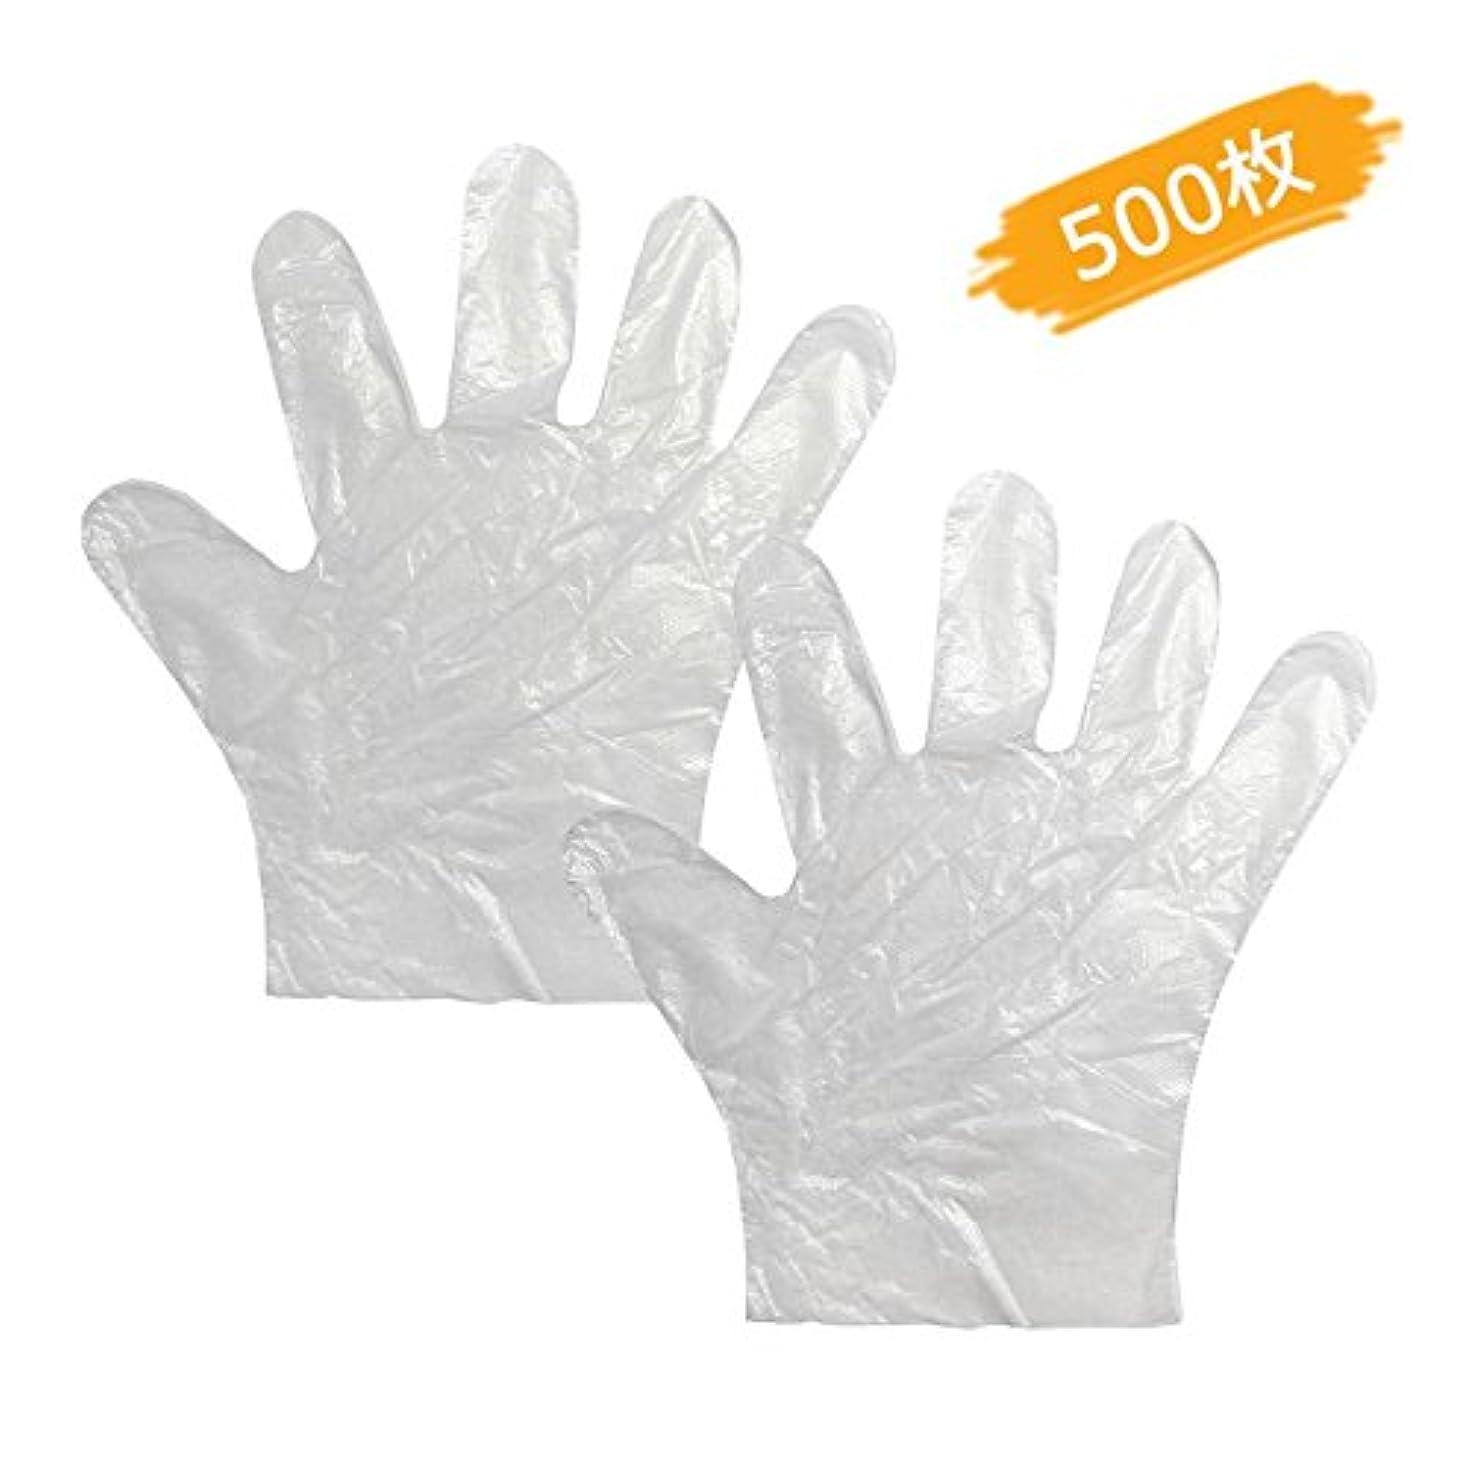 パラダイスガラスプロトタイプ使い捨て手袋 プラスティック手袋 極薄ビニール手袋 調理 透明 実用 500枚入